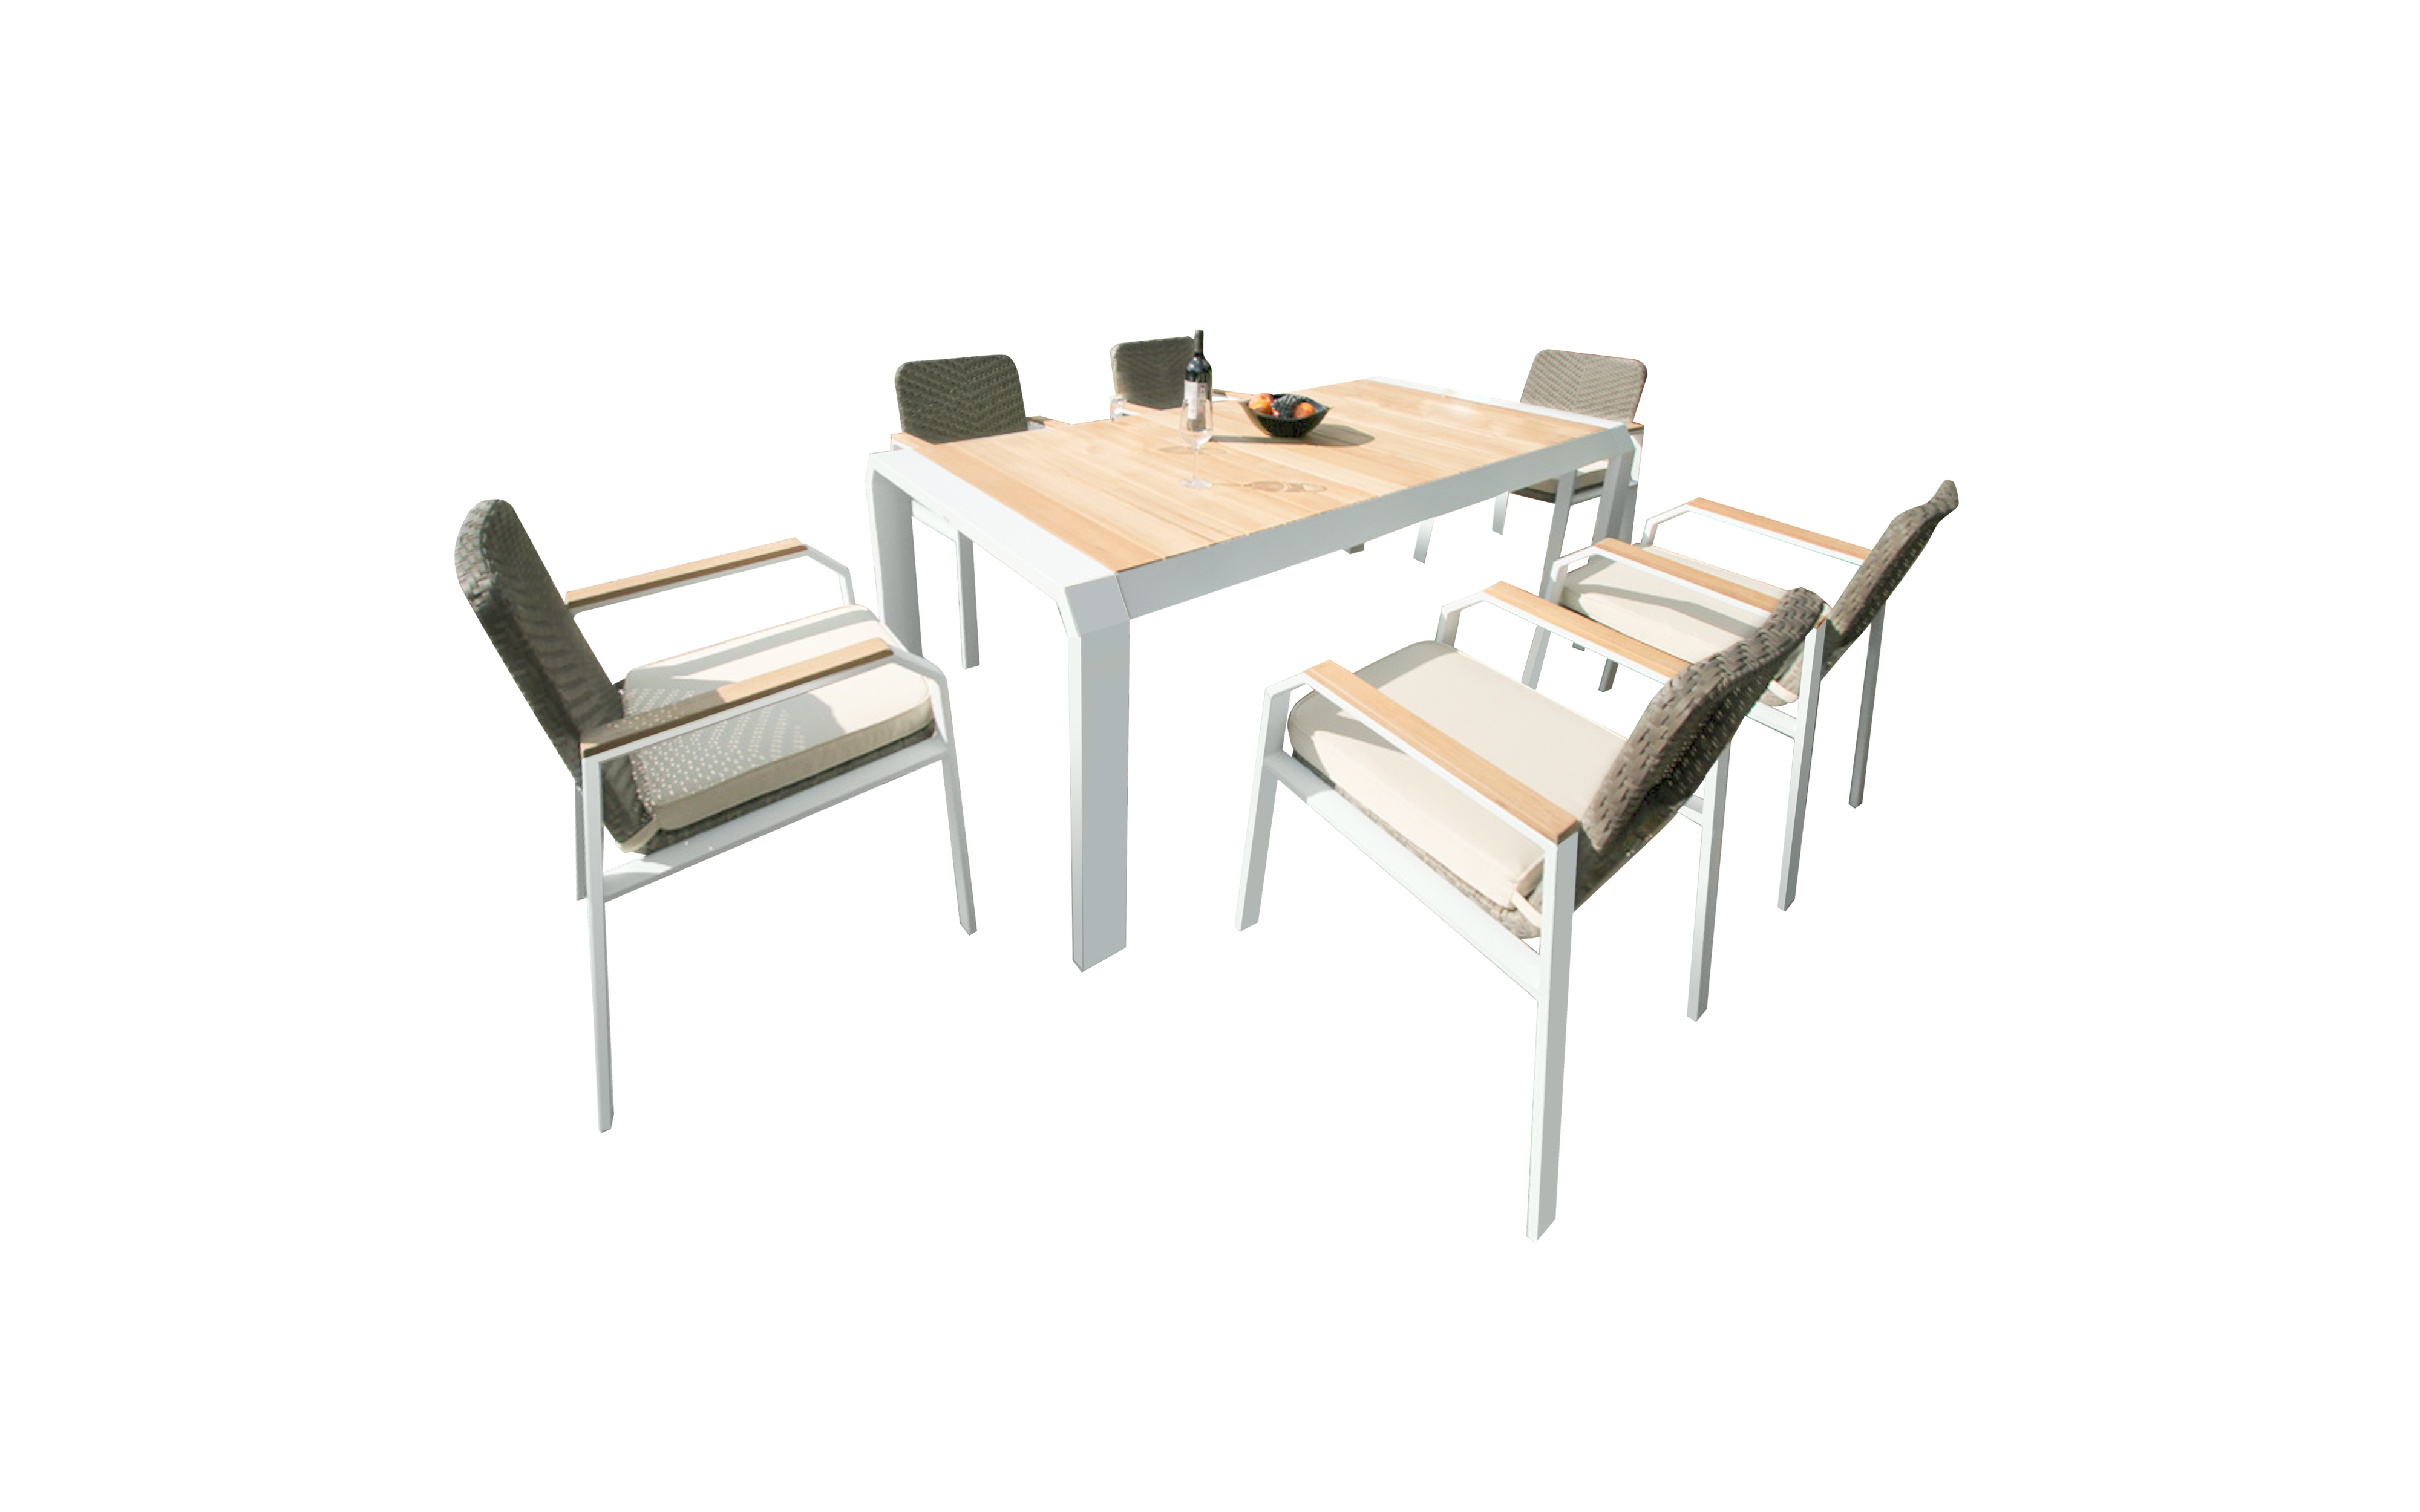 Комплект уличной мебели из ротанга TEAKMANКомплекты уличной мебели<br>&amp;lt;div&amp;gt;Комплект, обеденная группа TEAKMAN из ротанга - это садовая мебель, которая украсит Ваш интерьер и создаст комфорт в квартире, доме, на даче, в зимнем саду.&amp;lt;b&amp;gt; В комплект входят стол и шесть стульев с подушками&amp;lt;/b&amp;gt;. Благодаря каркасу, изготовленному из анодированного алюминия, комплект TEAKMAN может выдержать большой вес, а помимо изысканного дизайна отличается еще легкостью и высокой прочностью. Это отличное решение для летних веранд, террас и садовых площадок различного стилевого решения.&amp;lt;/div&amp;gt;&amp;lt;div&amp;gt;Обеденный стол TEAKMAN:&amp;lt;/div&amp;gt;&amp;lt;div&amp;gt;Столешница/каркас: &amp;amp;nbsp;тик/алюминий&amp;lt;/div&amp;gt;&amp;lt;div&amp;gt;Размеры: 200х100х77 см&amp;lt;/div&amp;gt;&amp;lt;div&amp;gt;стулья TEAKMAN&amp;lt;/div&amp;gt;&amp;lt;div&amp;gt;Сиденье, спинка/каркас: тик, искусственный ротанг/алюминий&amp;lt;/div&amp;gt;&amp;lt;div&amp;gt;Размеры: 56х64х86 см&amp;lt;/div&amp;gt;<br><br>Material: Ротанг<br>Length см: 200<br>Width см: 100<br>Height см: 77